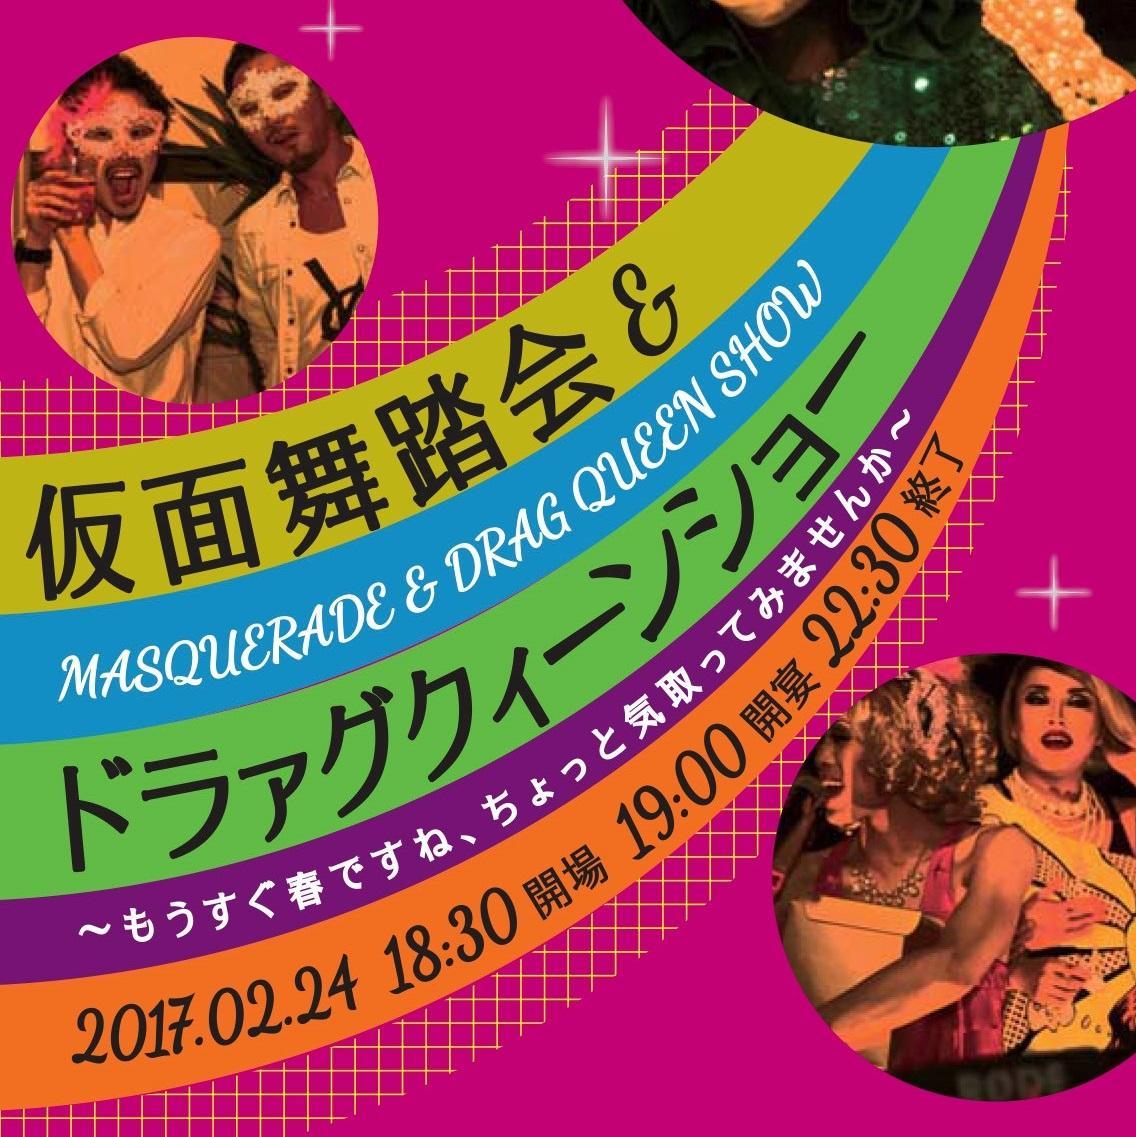 2月24日(金)19:00~22:30 一夜限りの仮面舞踏会&ドラァグクイーンショー!